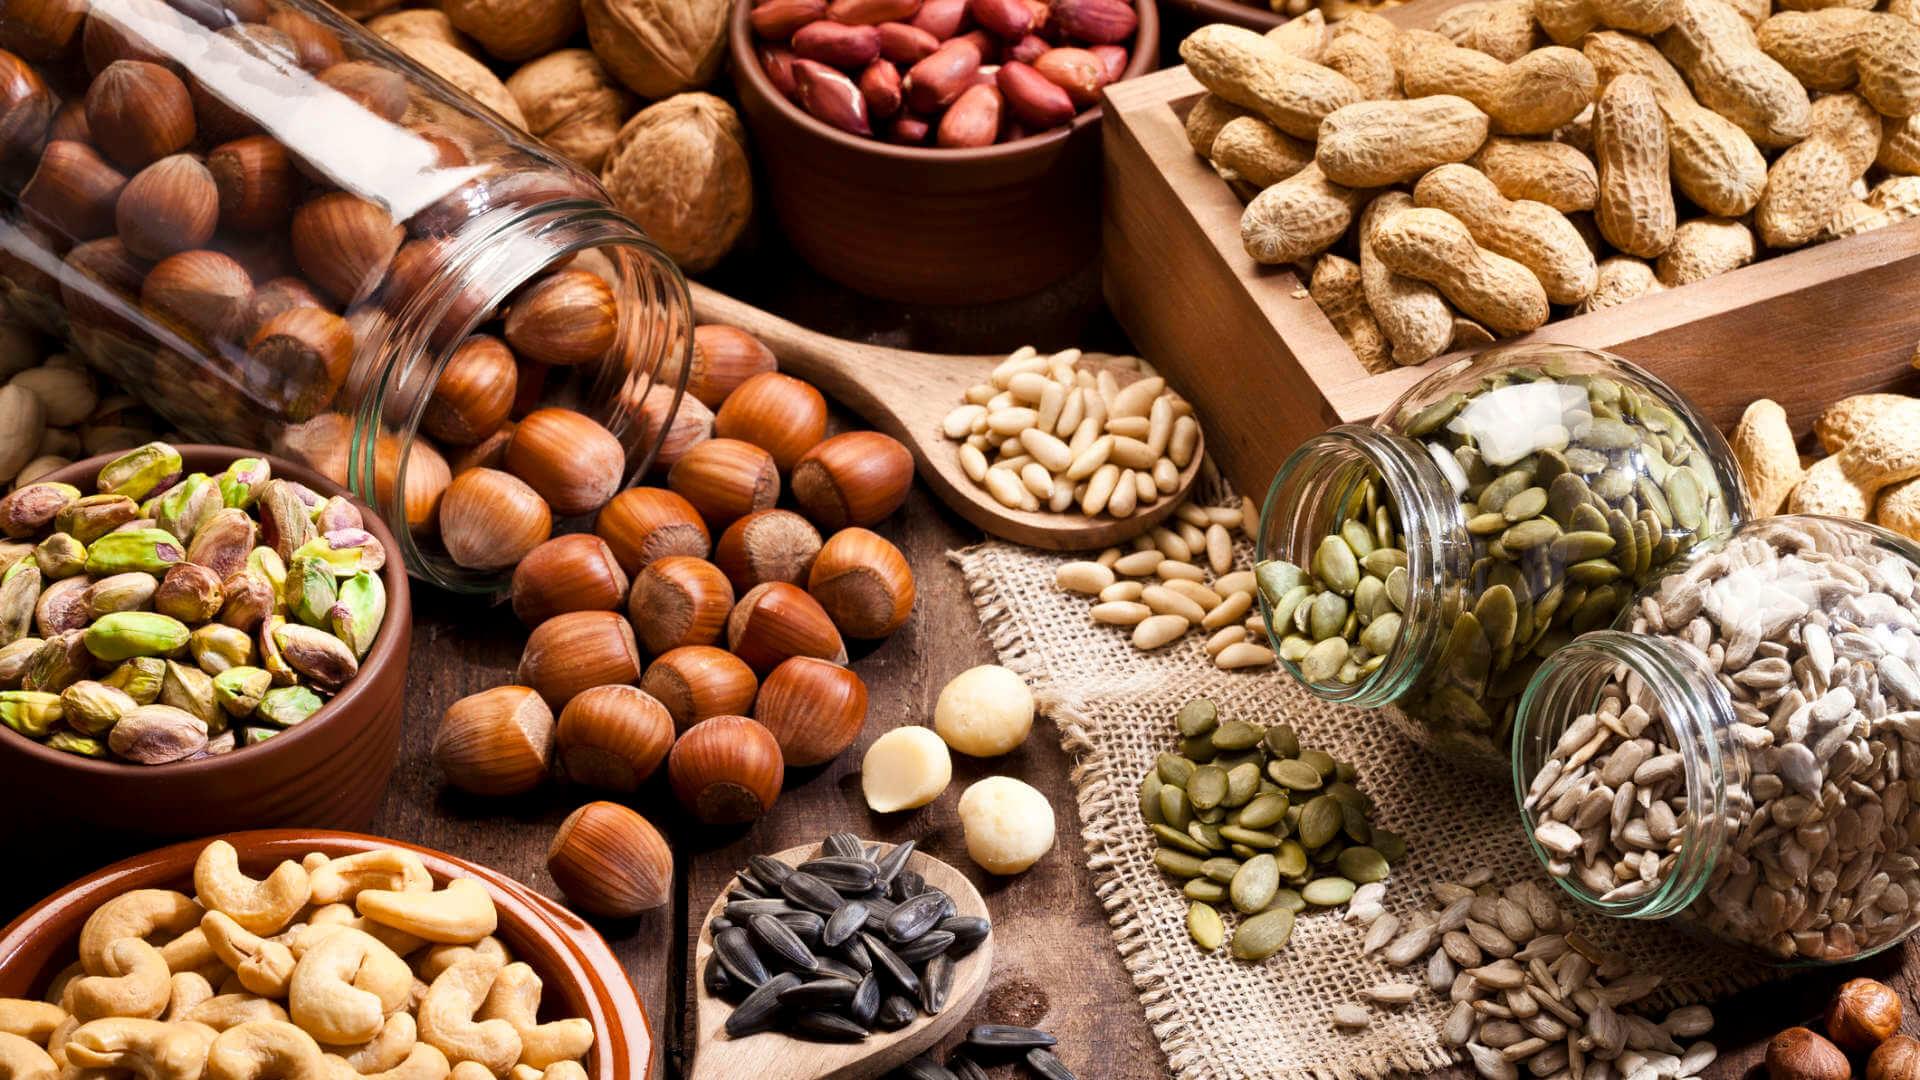 các loại hạt không chỉ cung cấp các chất xơ mà còn cung cấp canxi tốt cho xương khớp